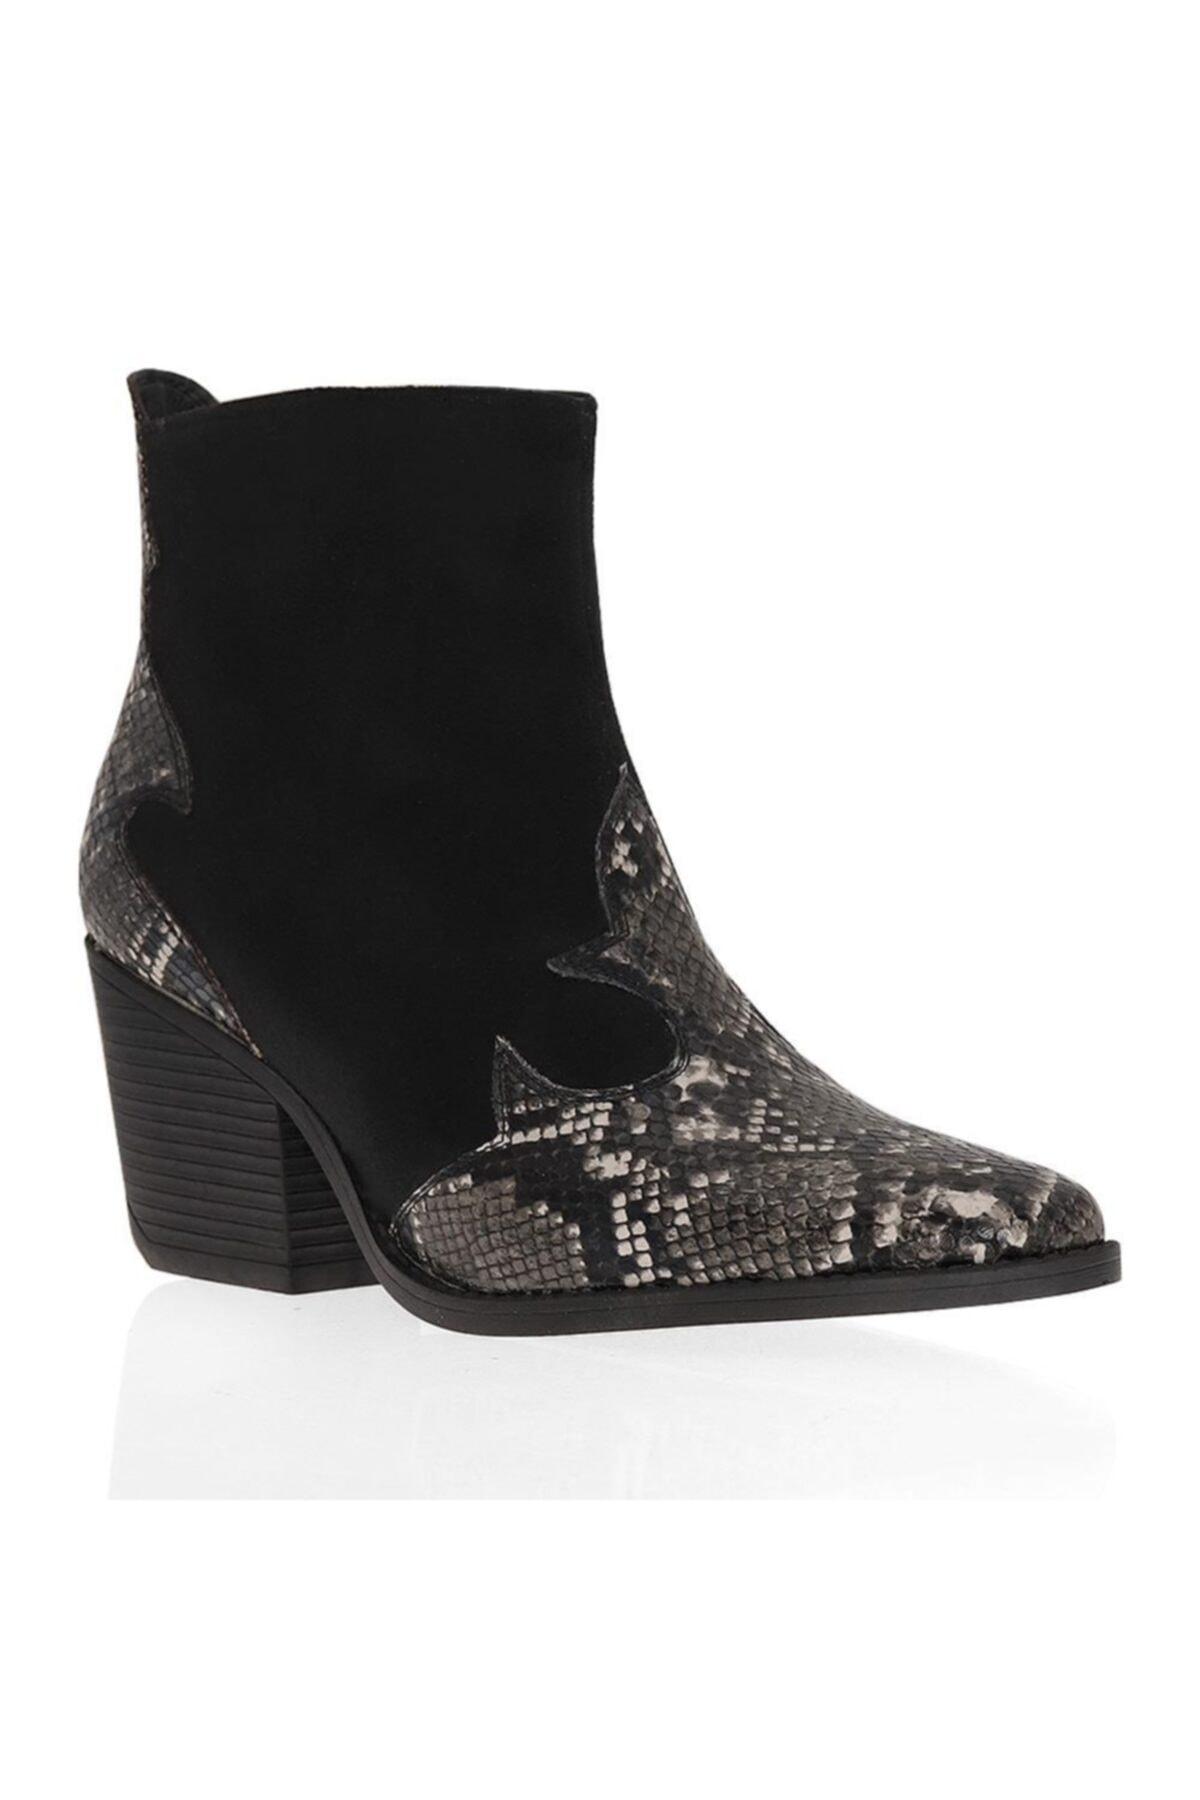 Ayakkabım Çantam Çizgi 6092 Kovboy Kadın Bot 1